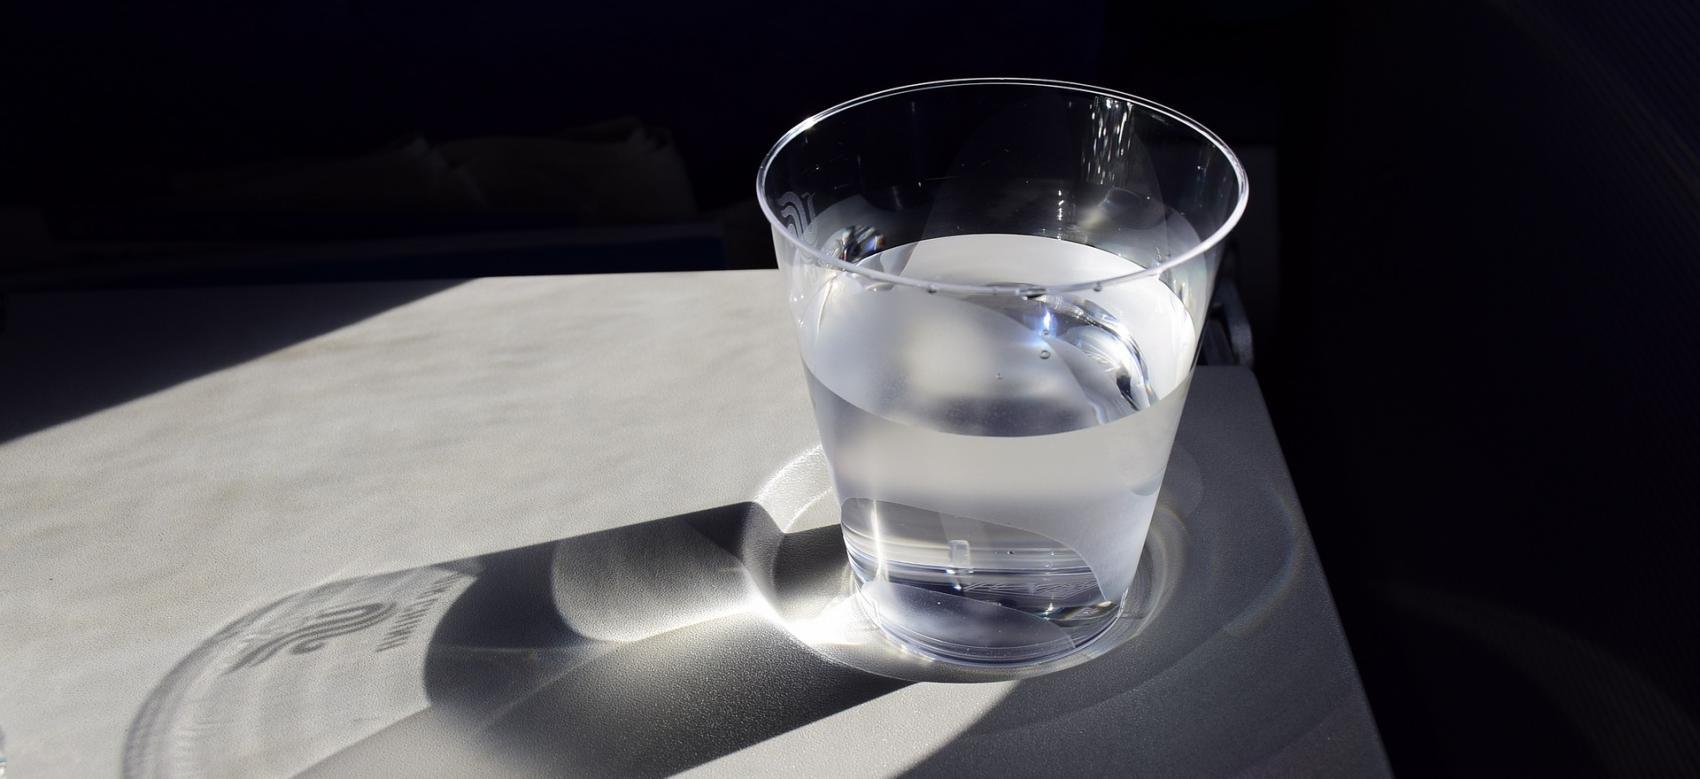 vaso de agua sobre una mesa